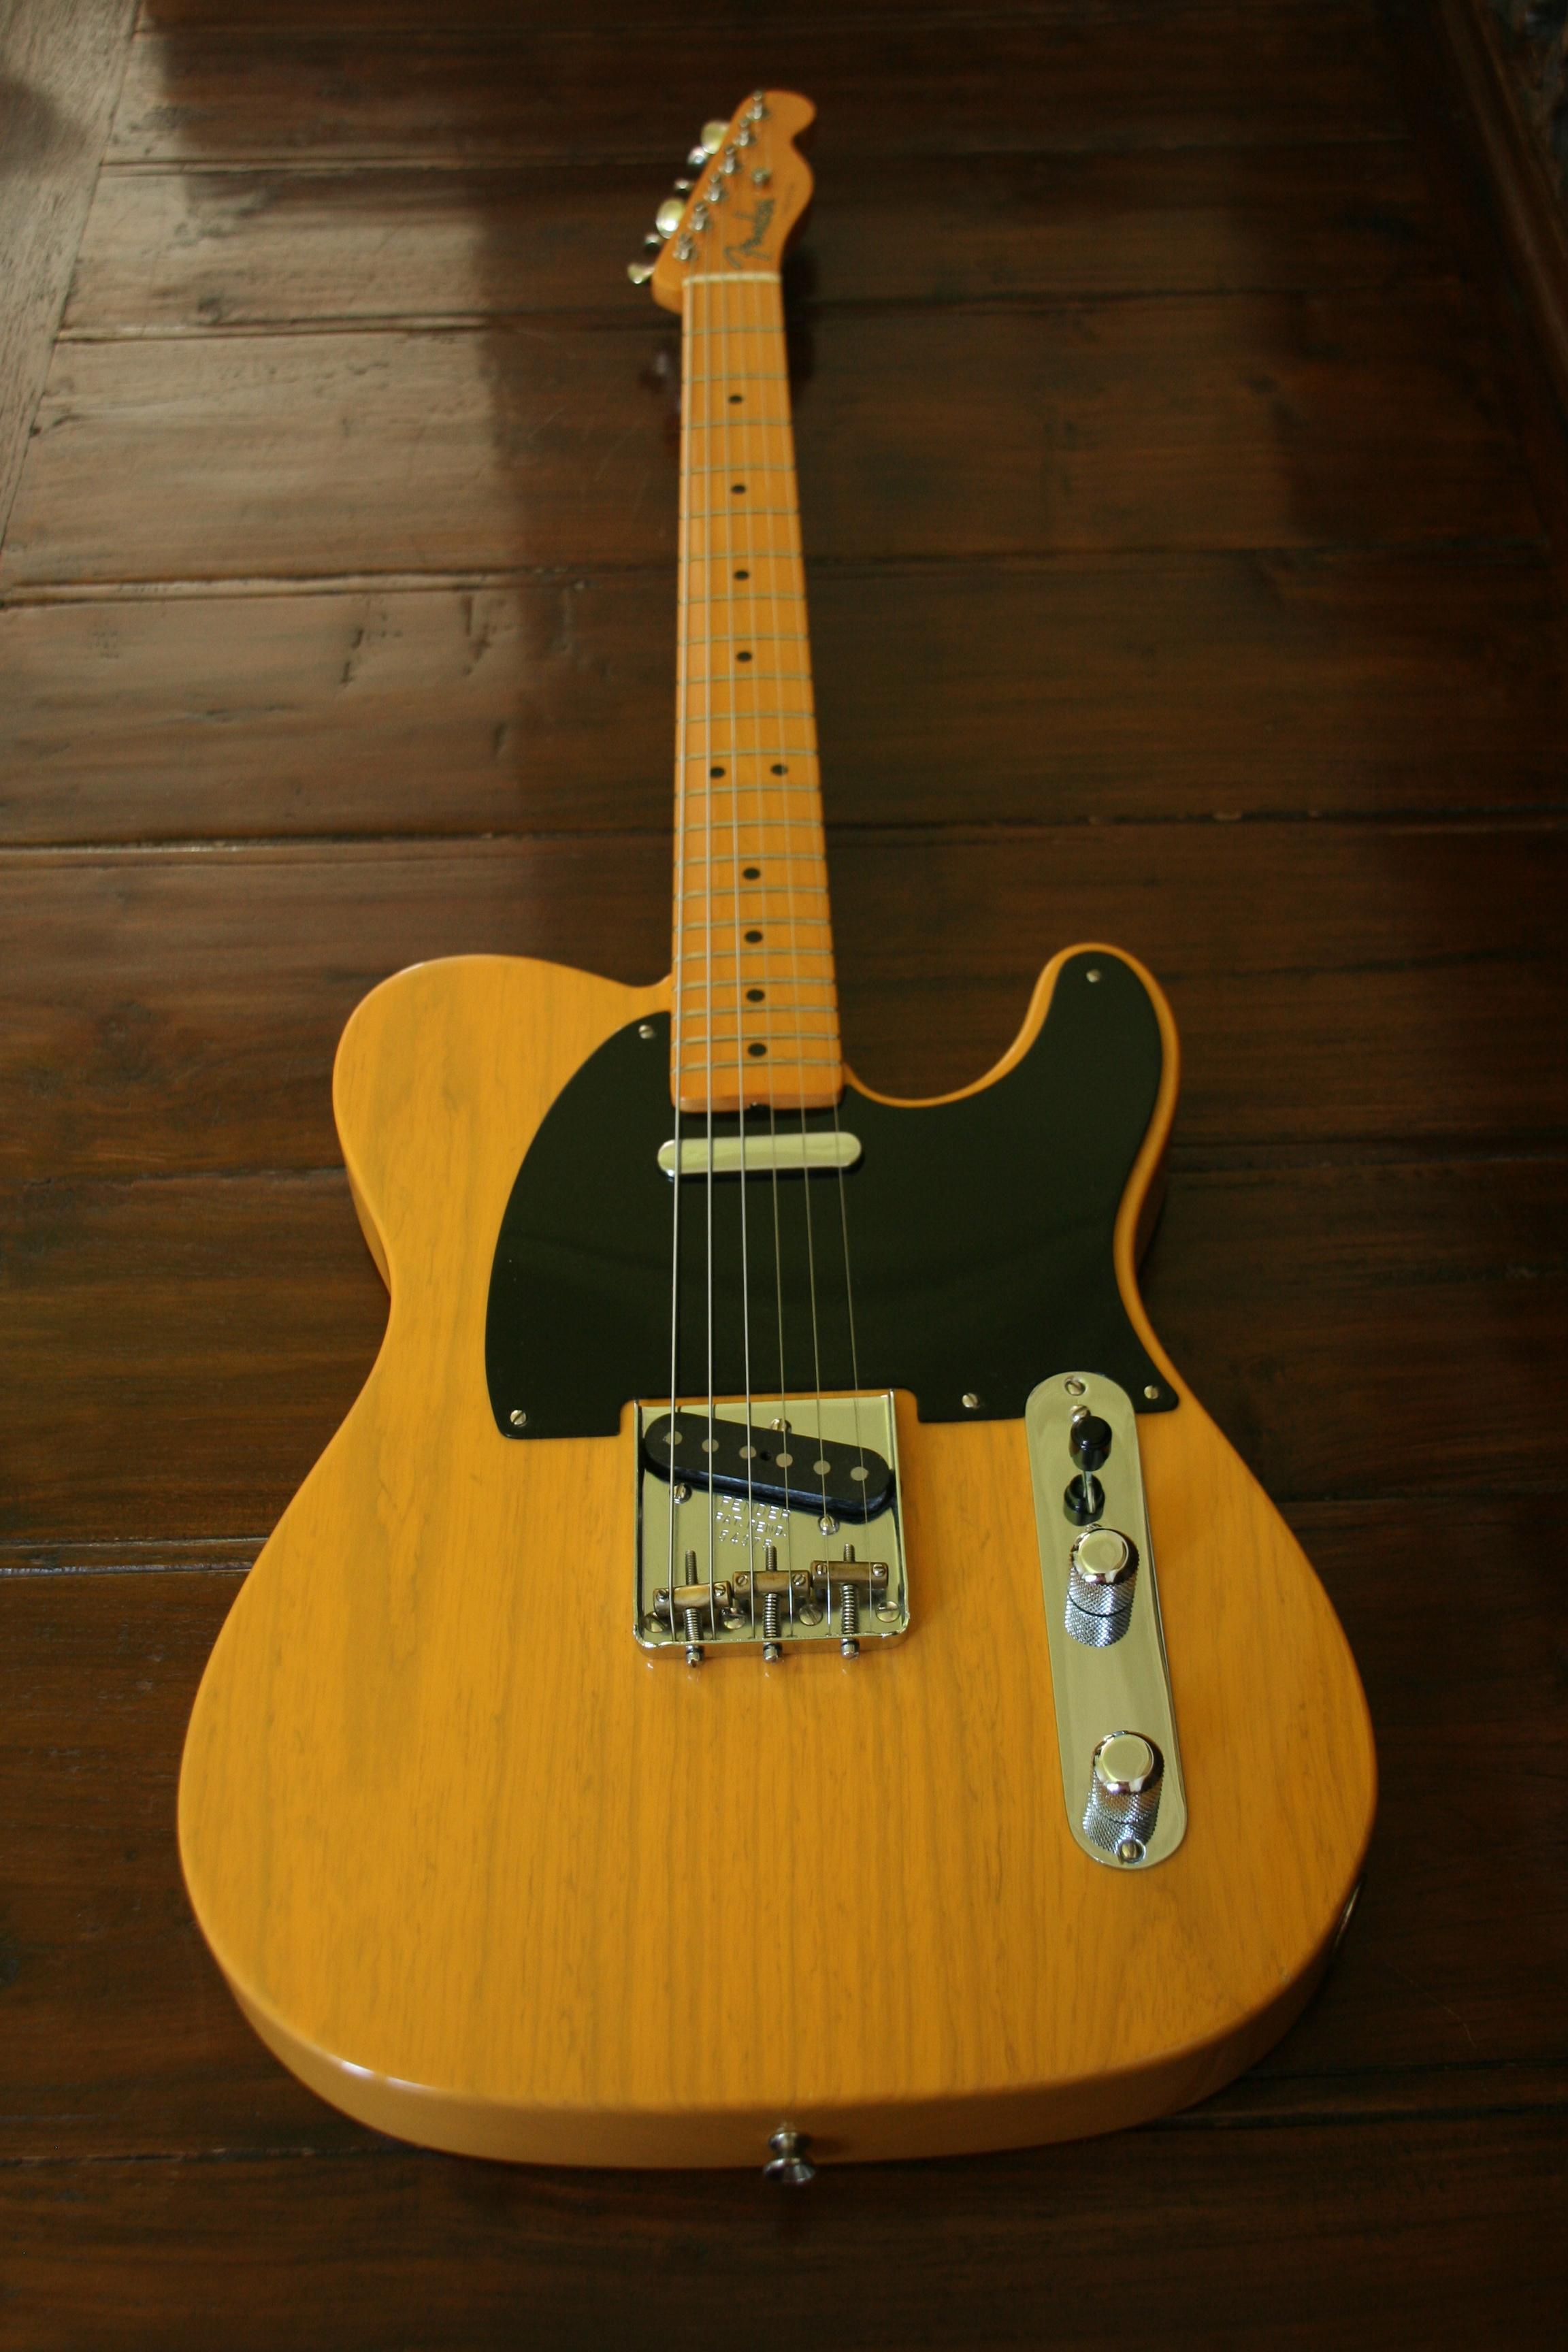 Fender Telecaster American Vintage 52 Cutaway Guitar